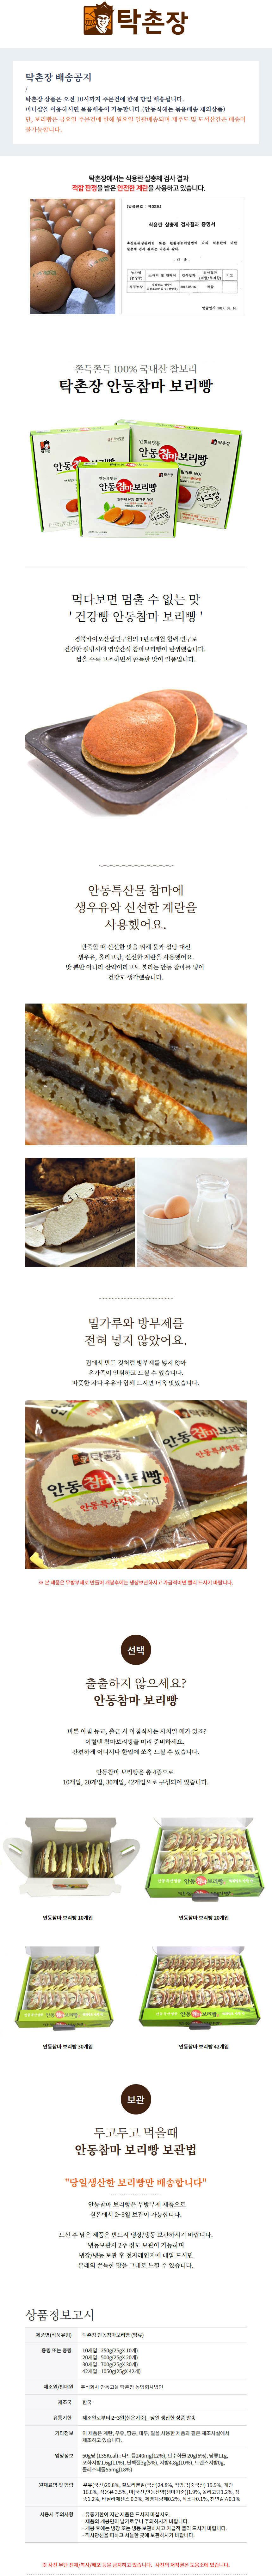 안동참마 보리빵